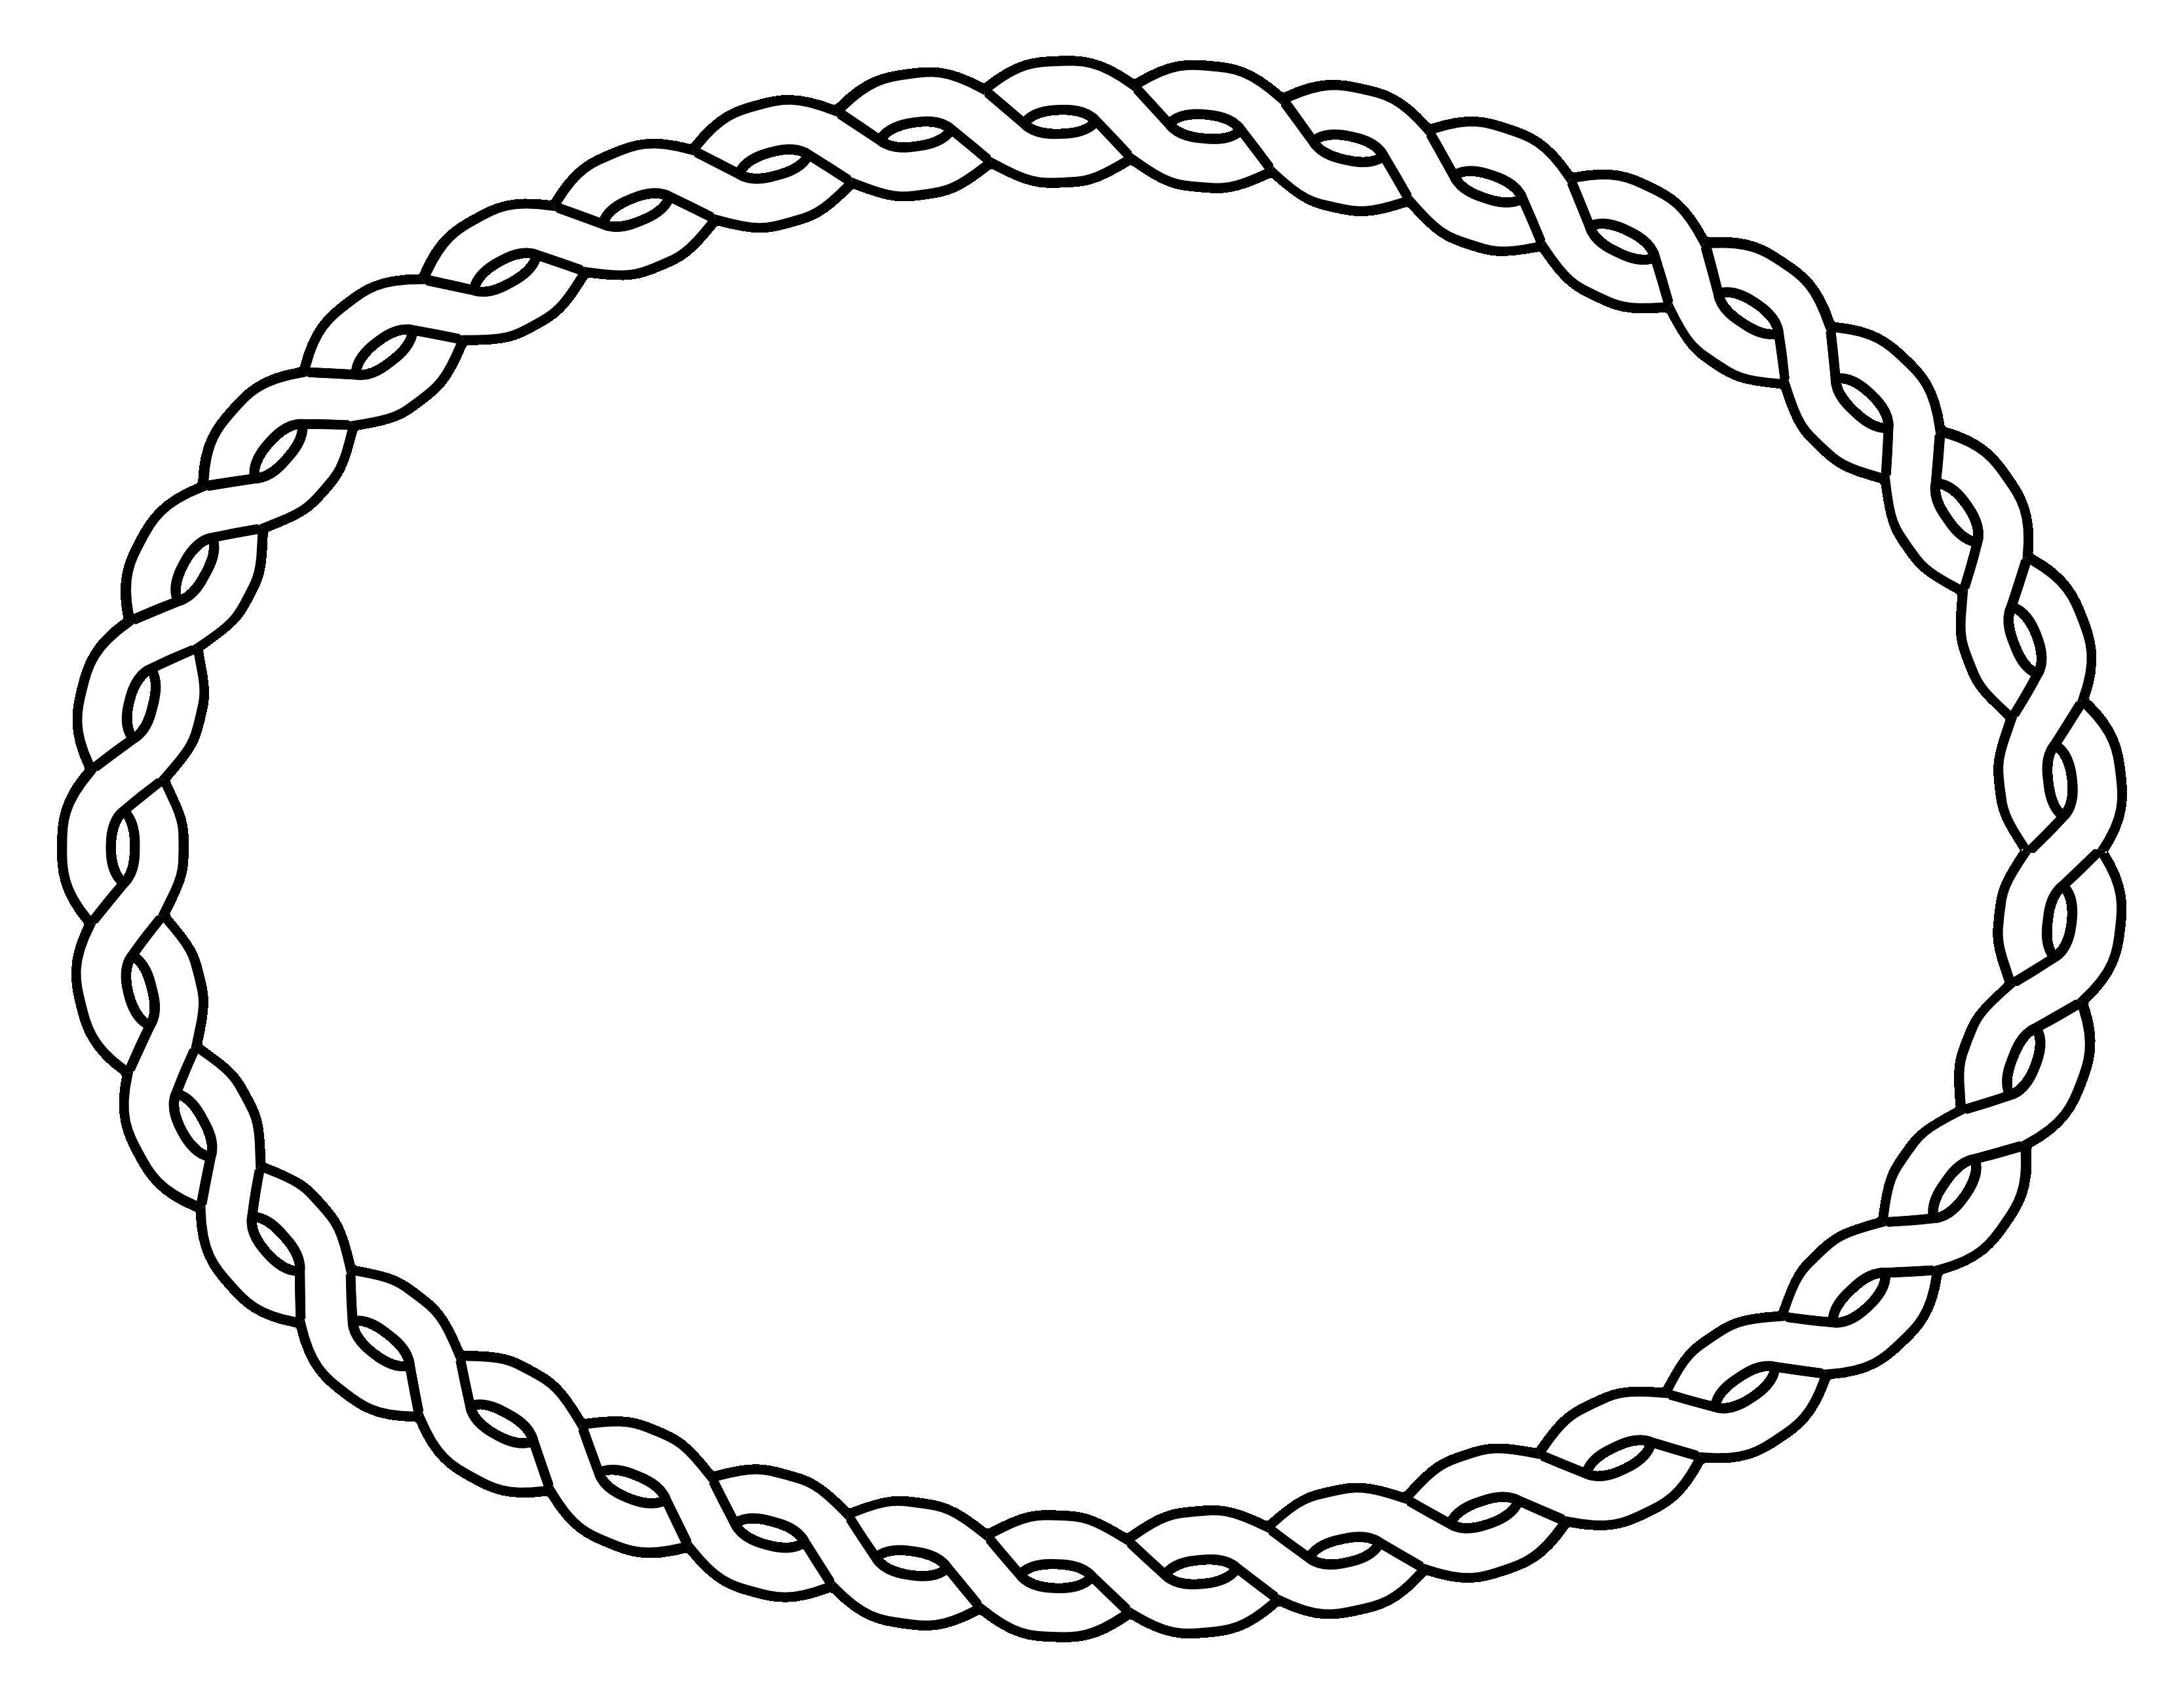 Straight rope oval frame. Clipart gun border